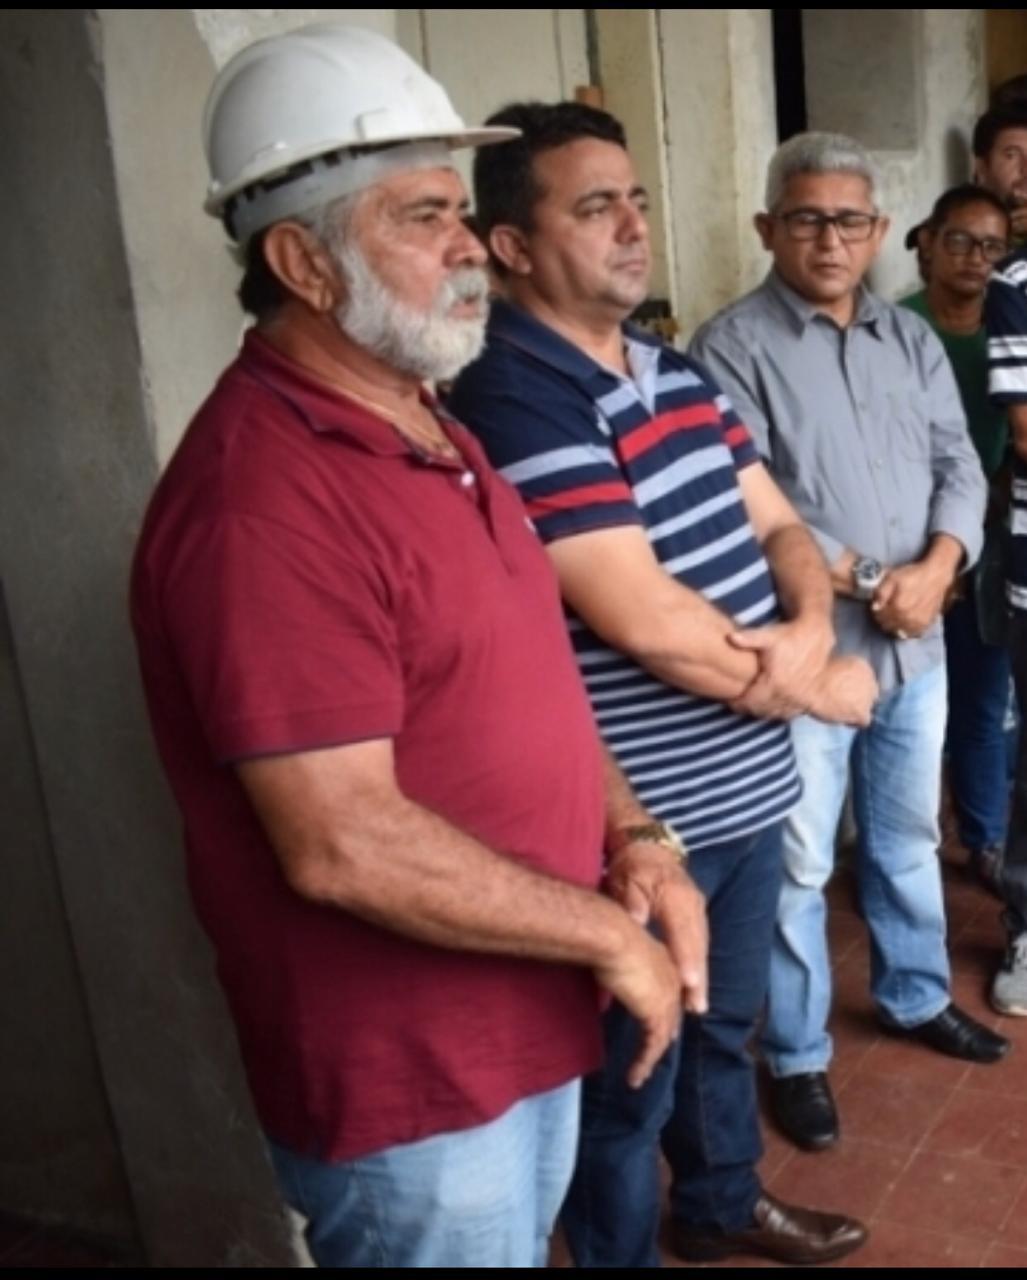 _No primeiro plano, ao lado do prefeito do PT Ribinha, Luís Mororó, titular da pasta responsável pelo edital (Foto: Divulgação)